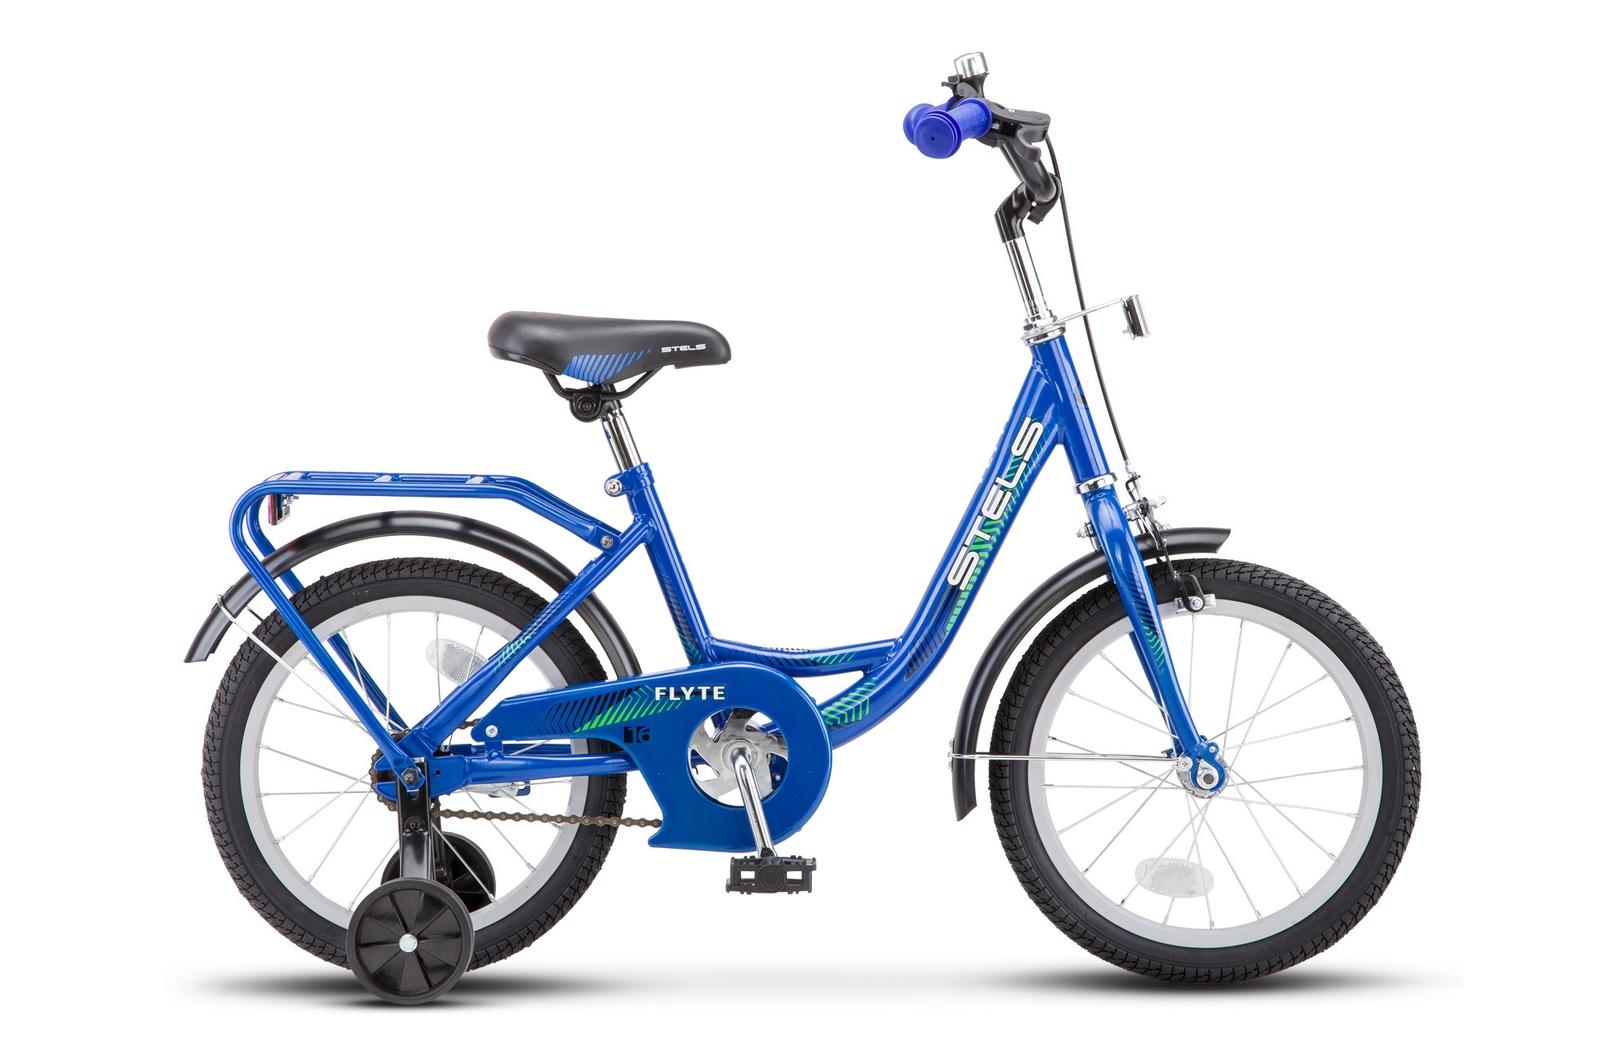 Велосипед STELS Flyte 16 (Z011), синий